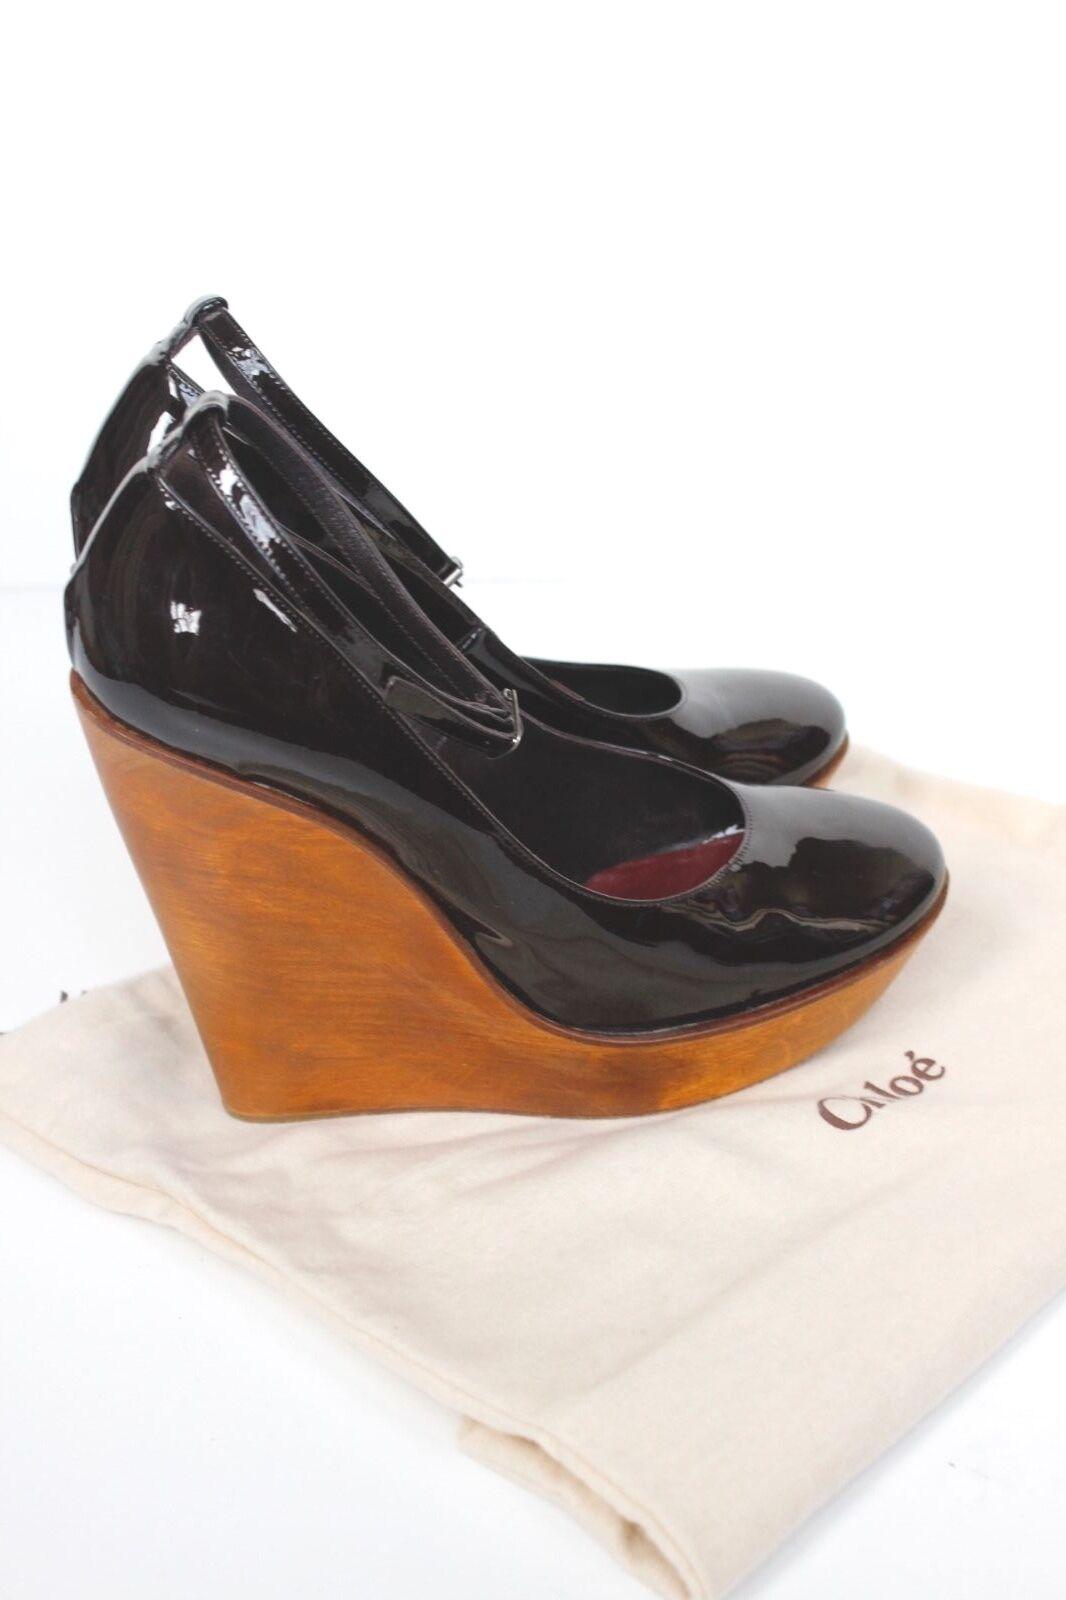 CHLOé Wooden Platform Patent Leder Mary Jane Wedges 38 uk 5